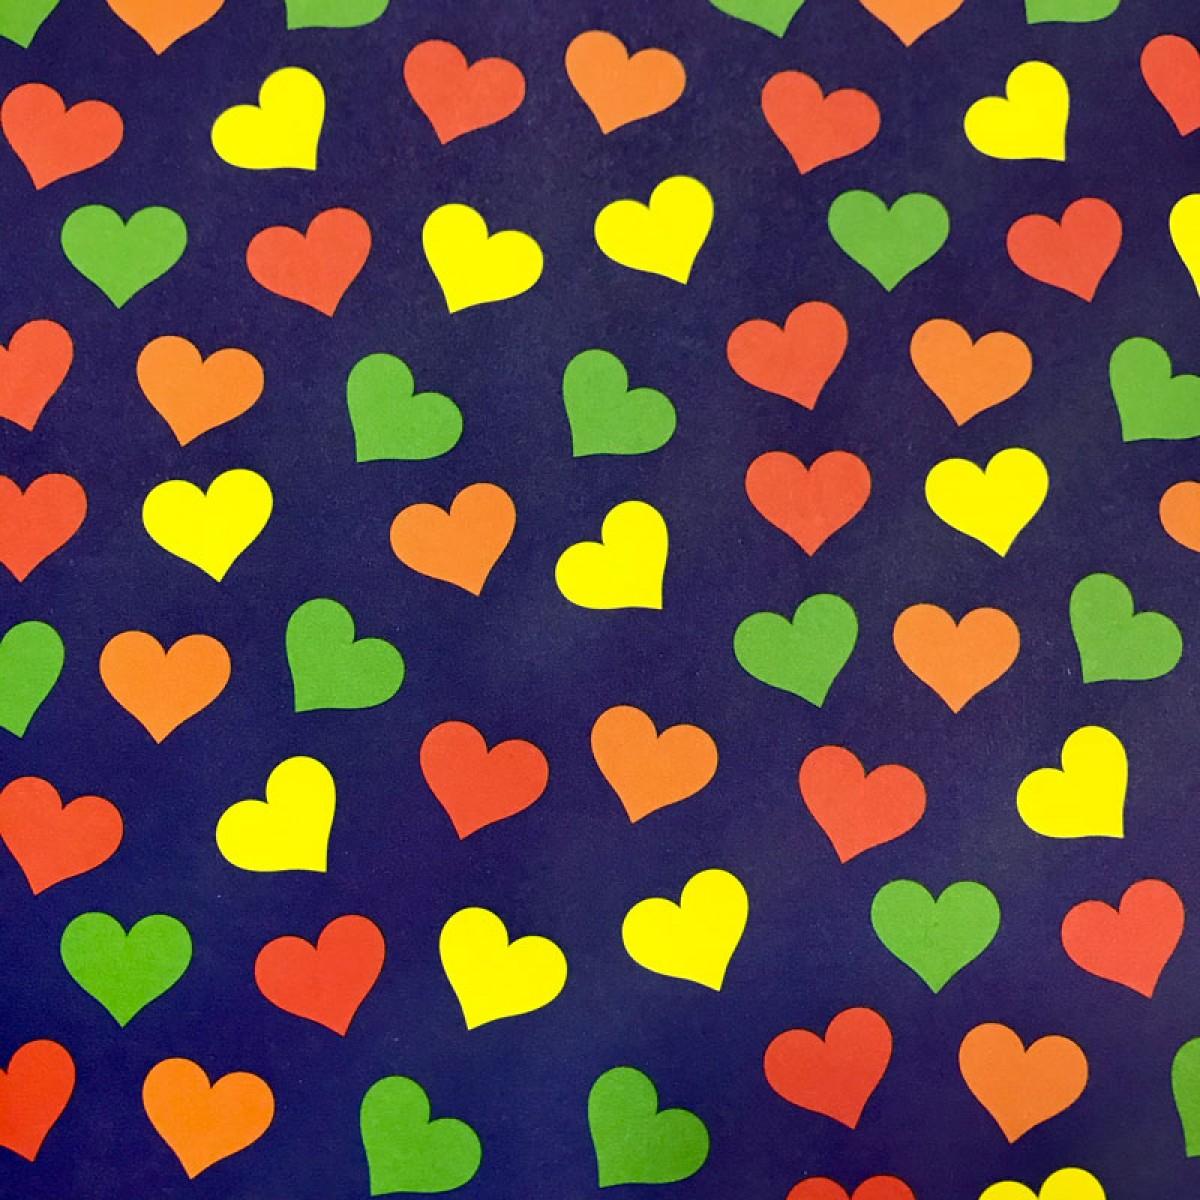 Χαρτόνι Αποκριάτικο Καρδιές